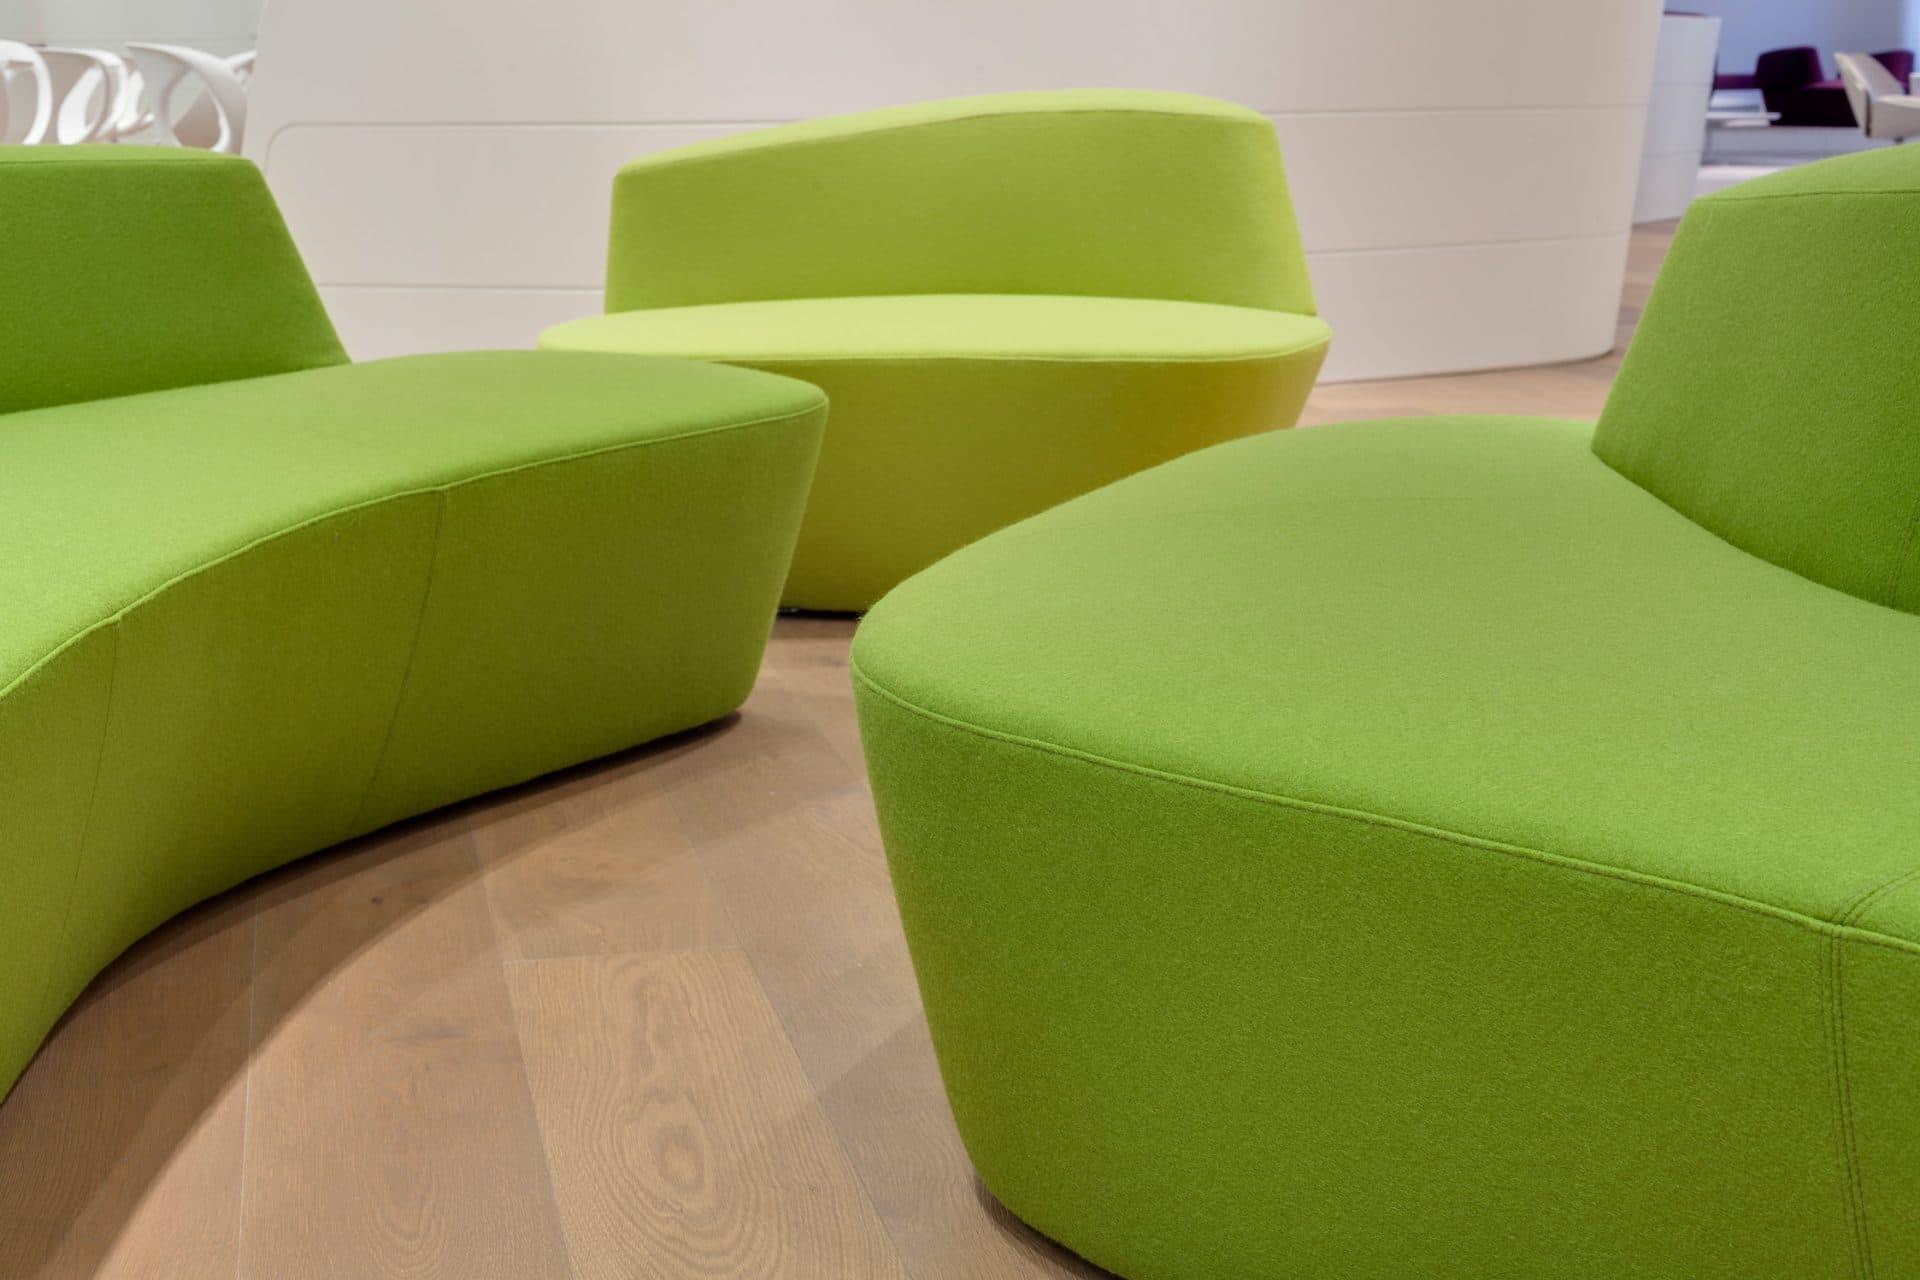 Bavaria Lounge in der Messe München, grüne Sitzmöbel in Nahaufnahme